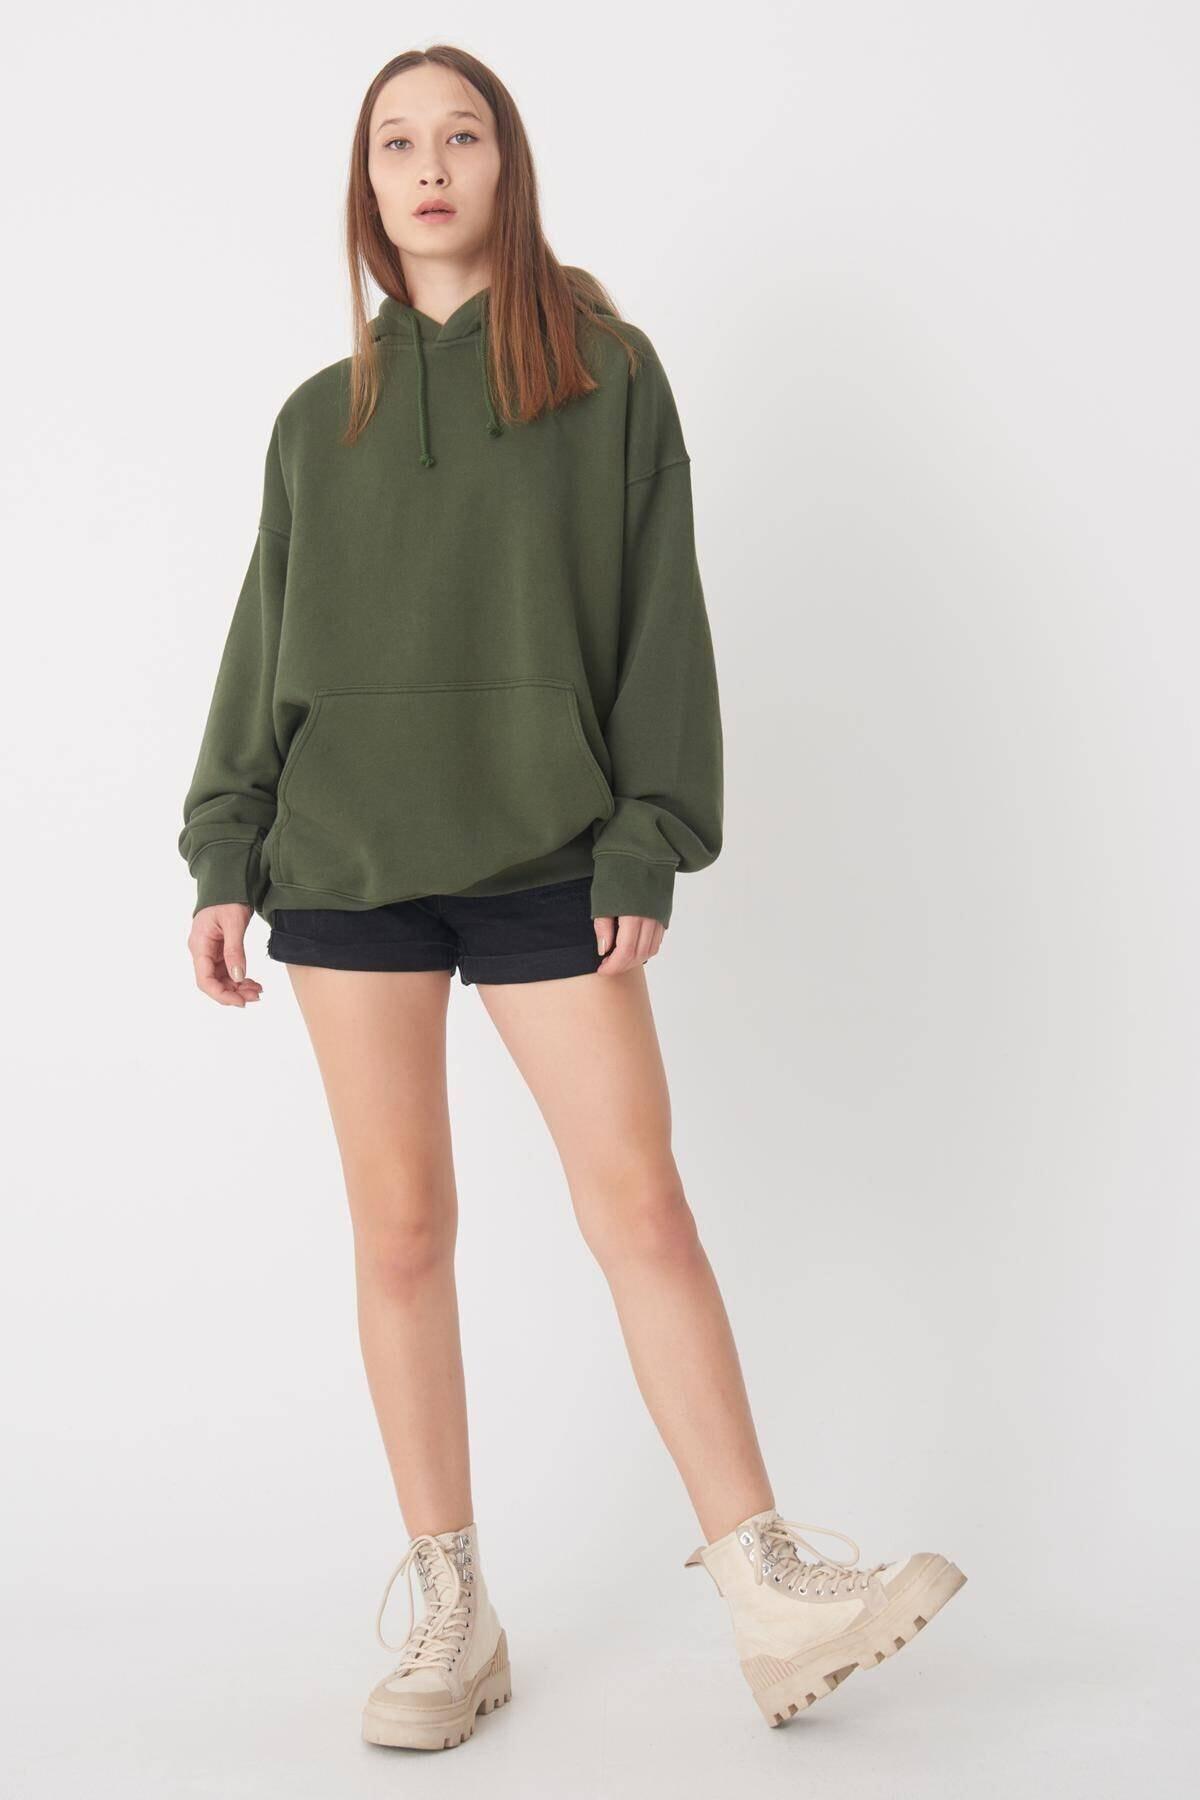 Addax Kadın Yeşil Kapüşonlu Uzun Sweat S9477 - S7 ADX-0000022987 2